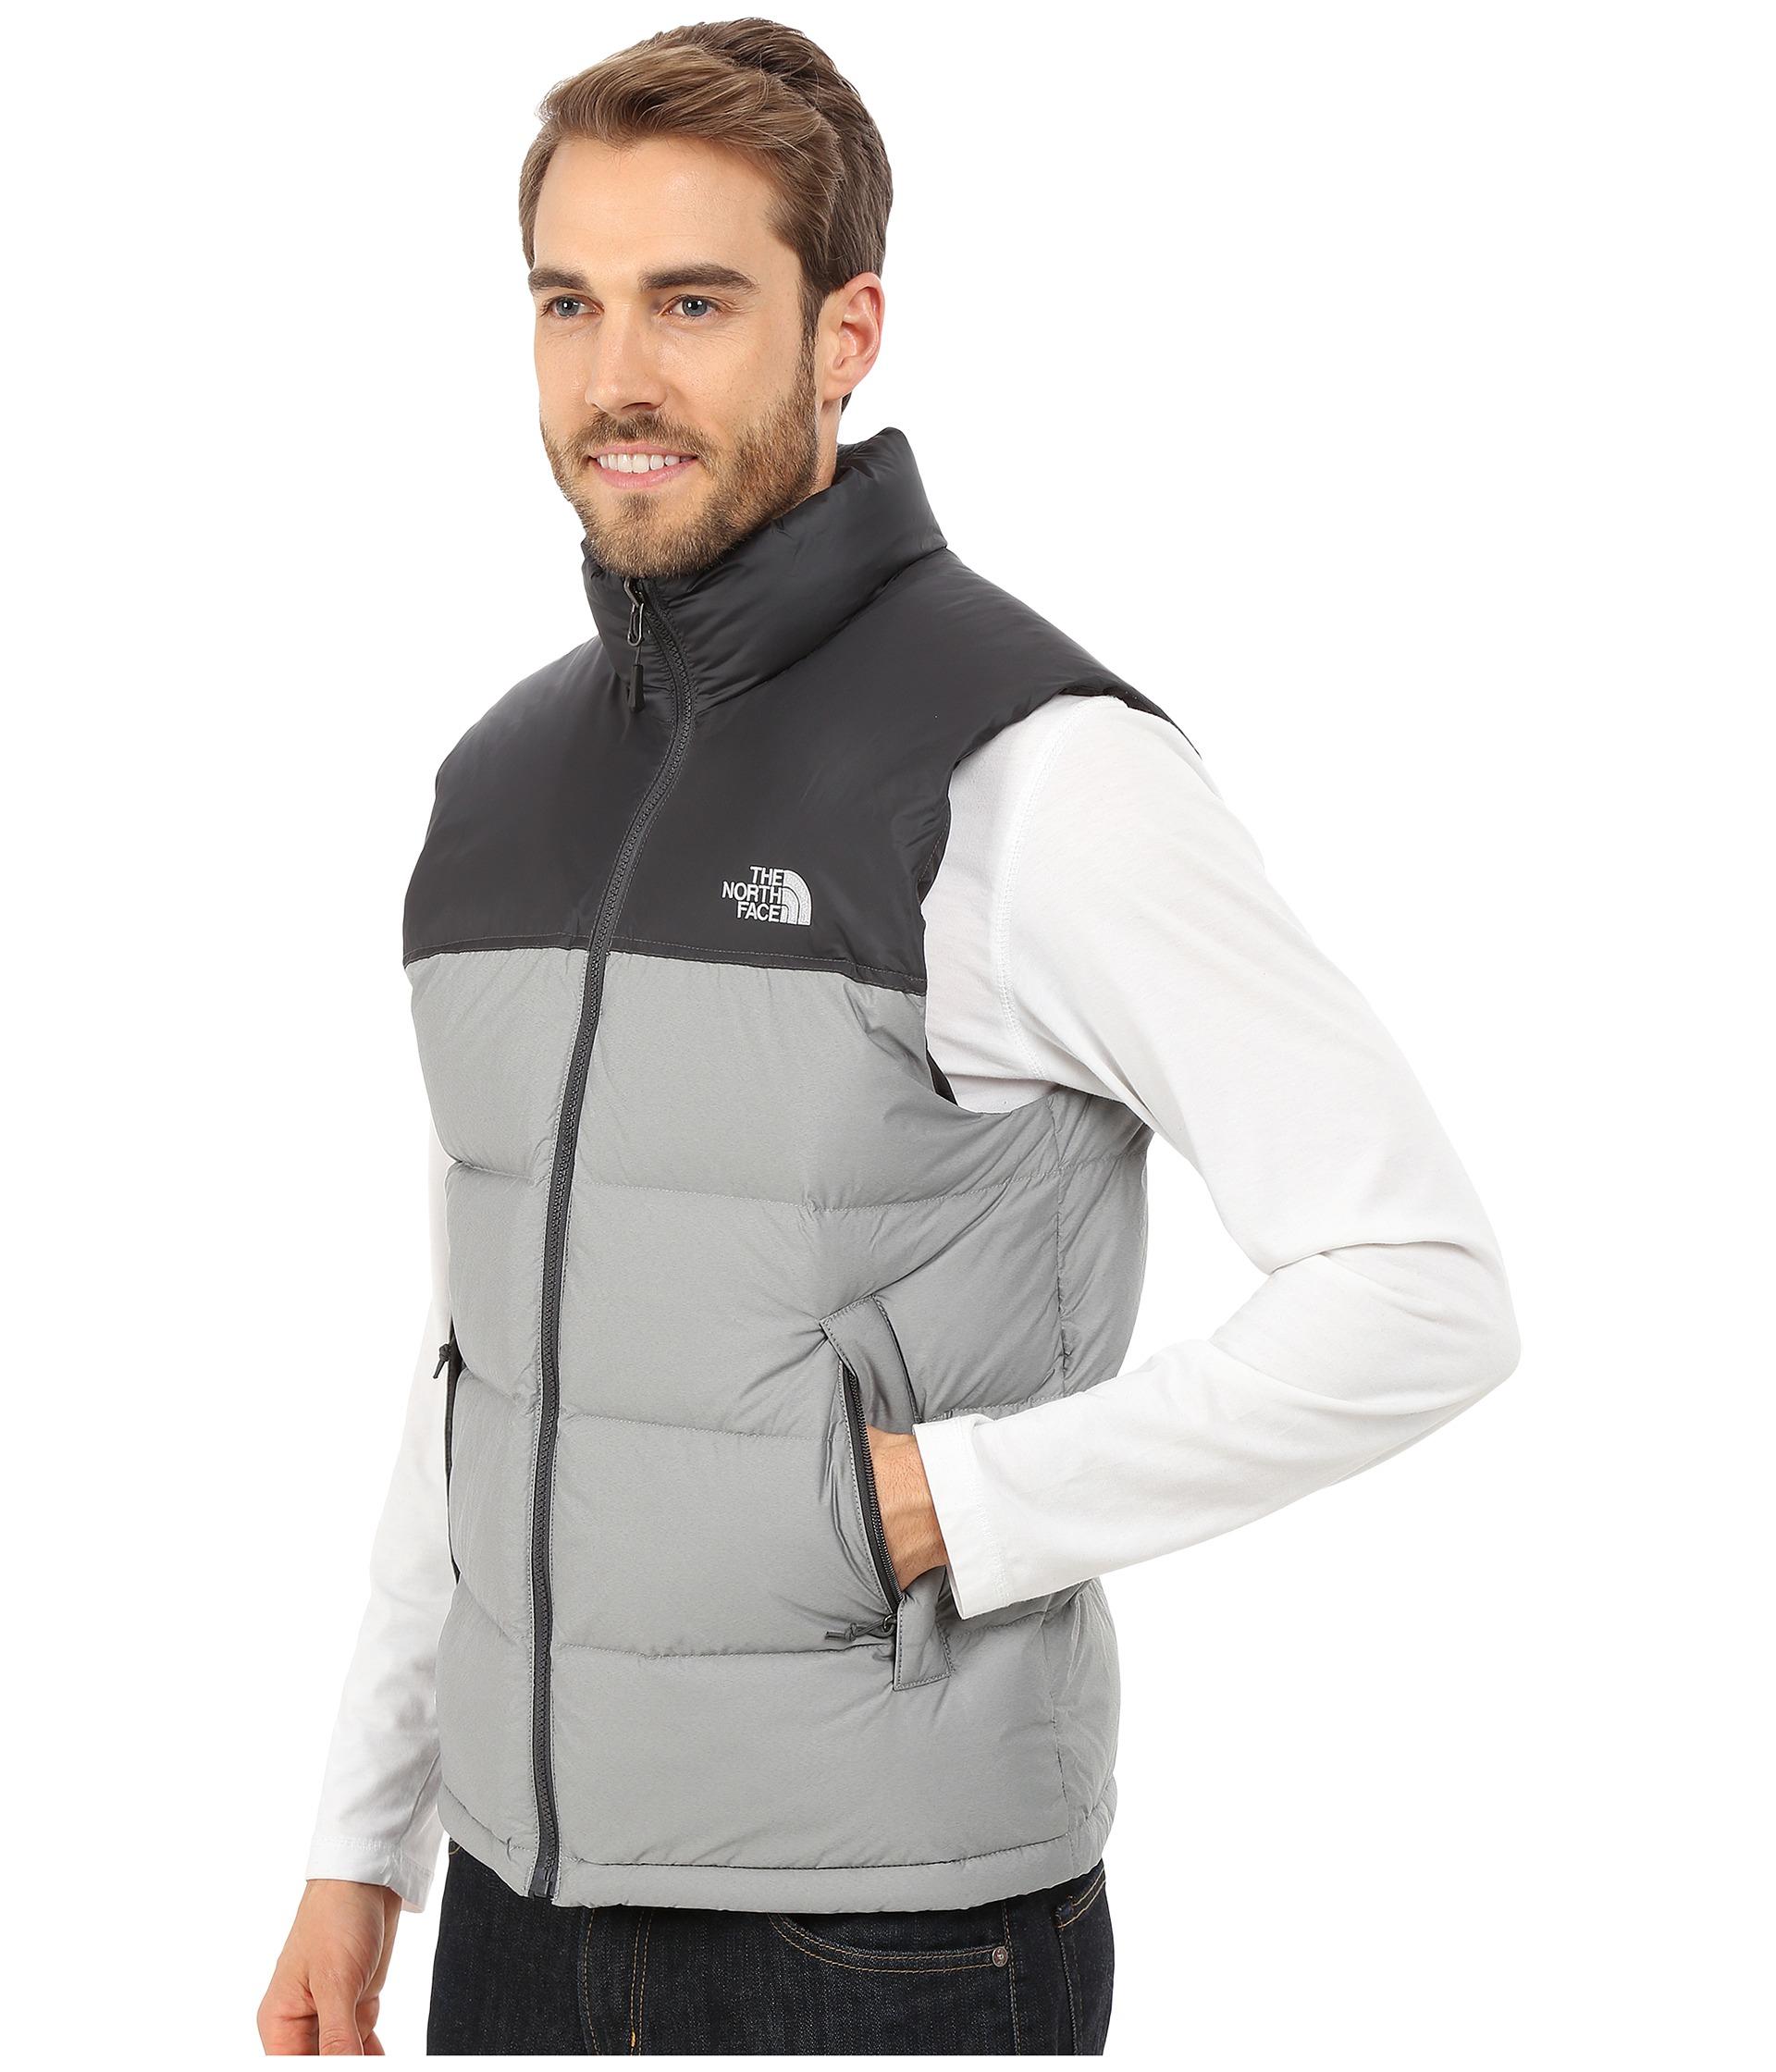 Lyst - The North Face Nuptse Vest in Gray for Men 016039c0e